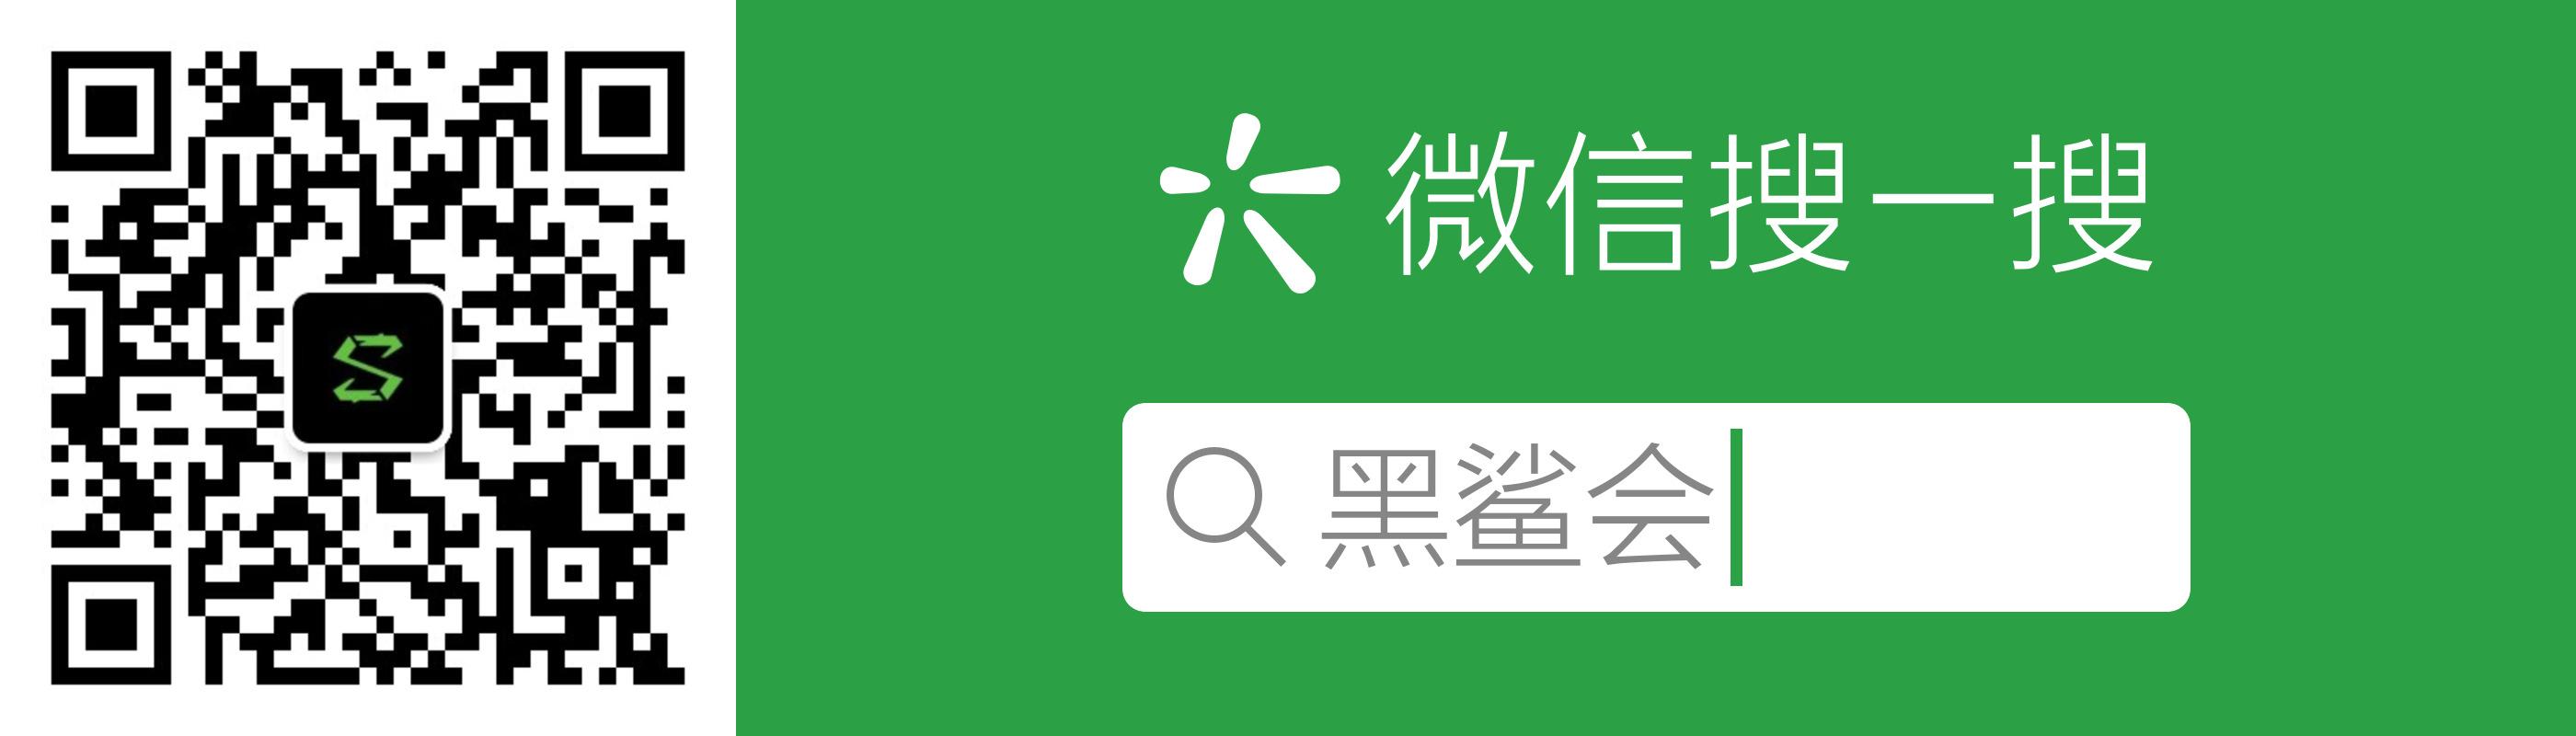 扫码_搜索联合传播样式-微信标准绿版.png